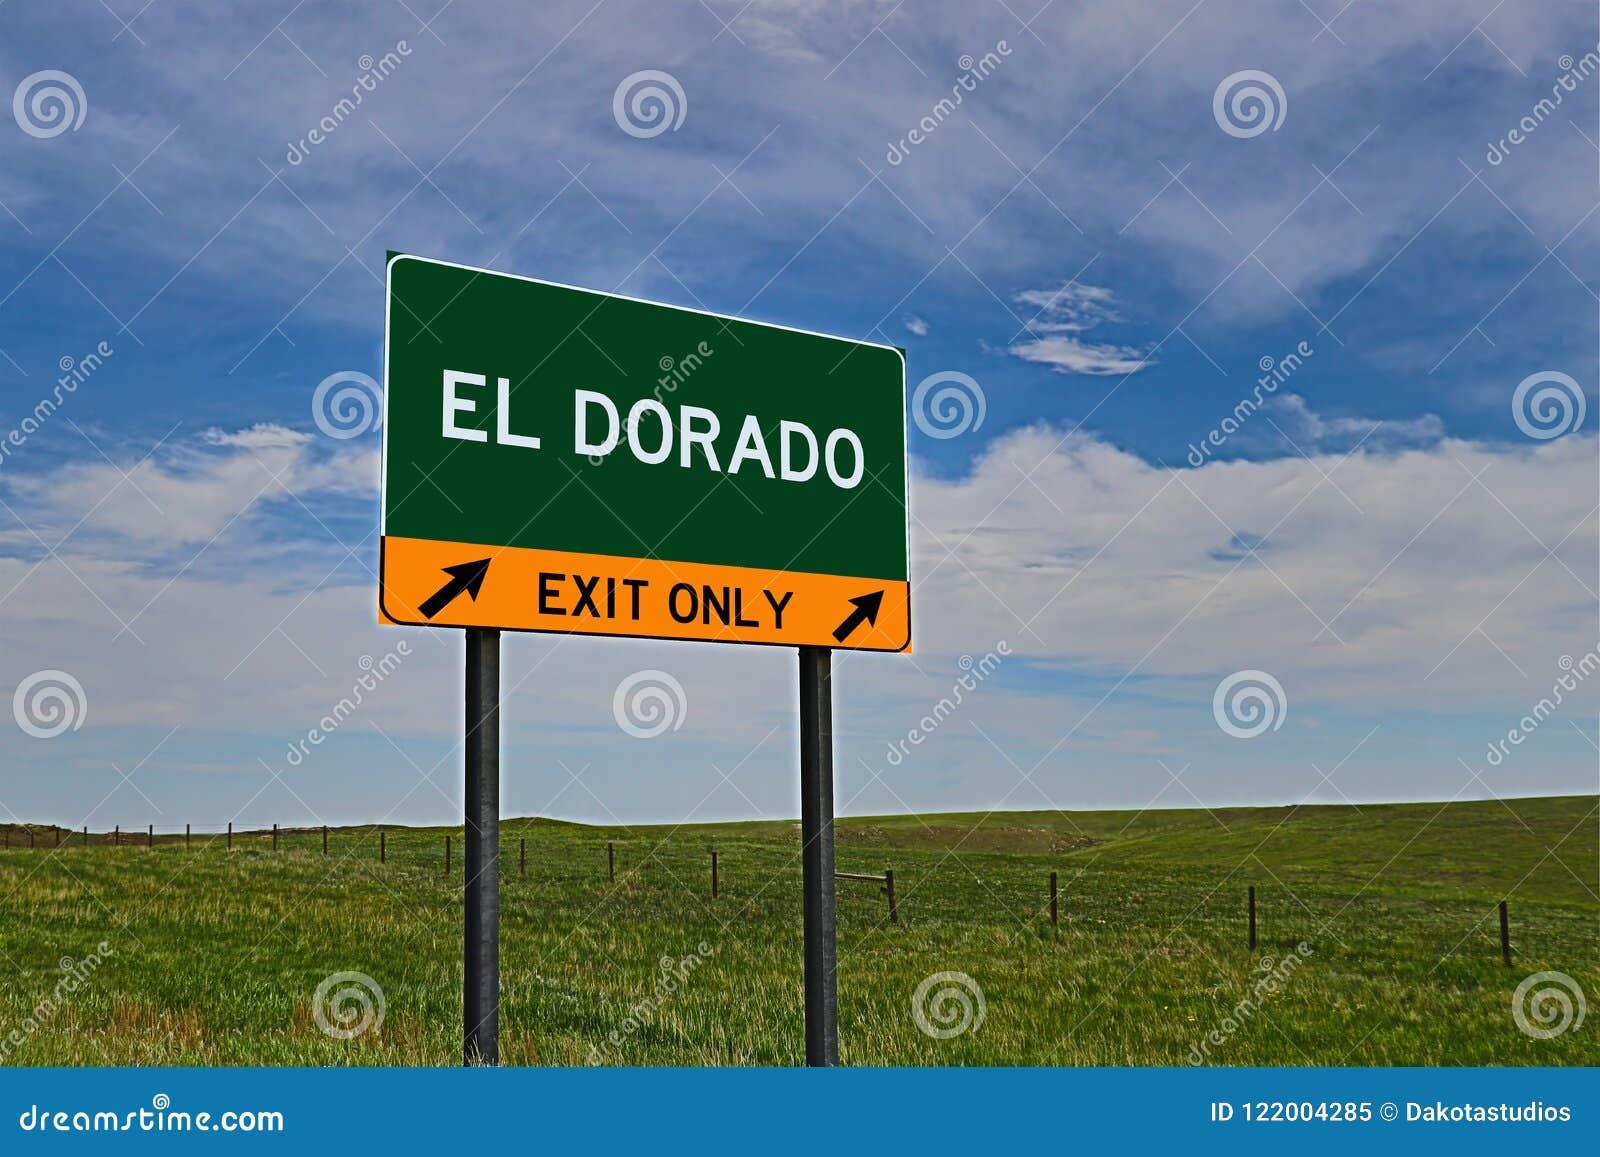 美国高速公路埃尔多拉多的出口标志